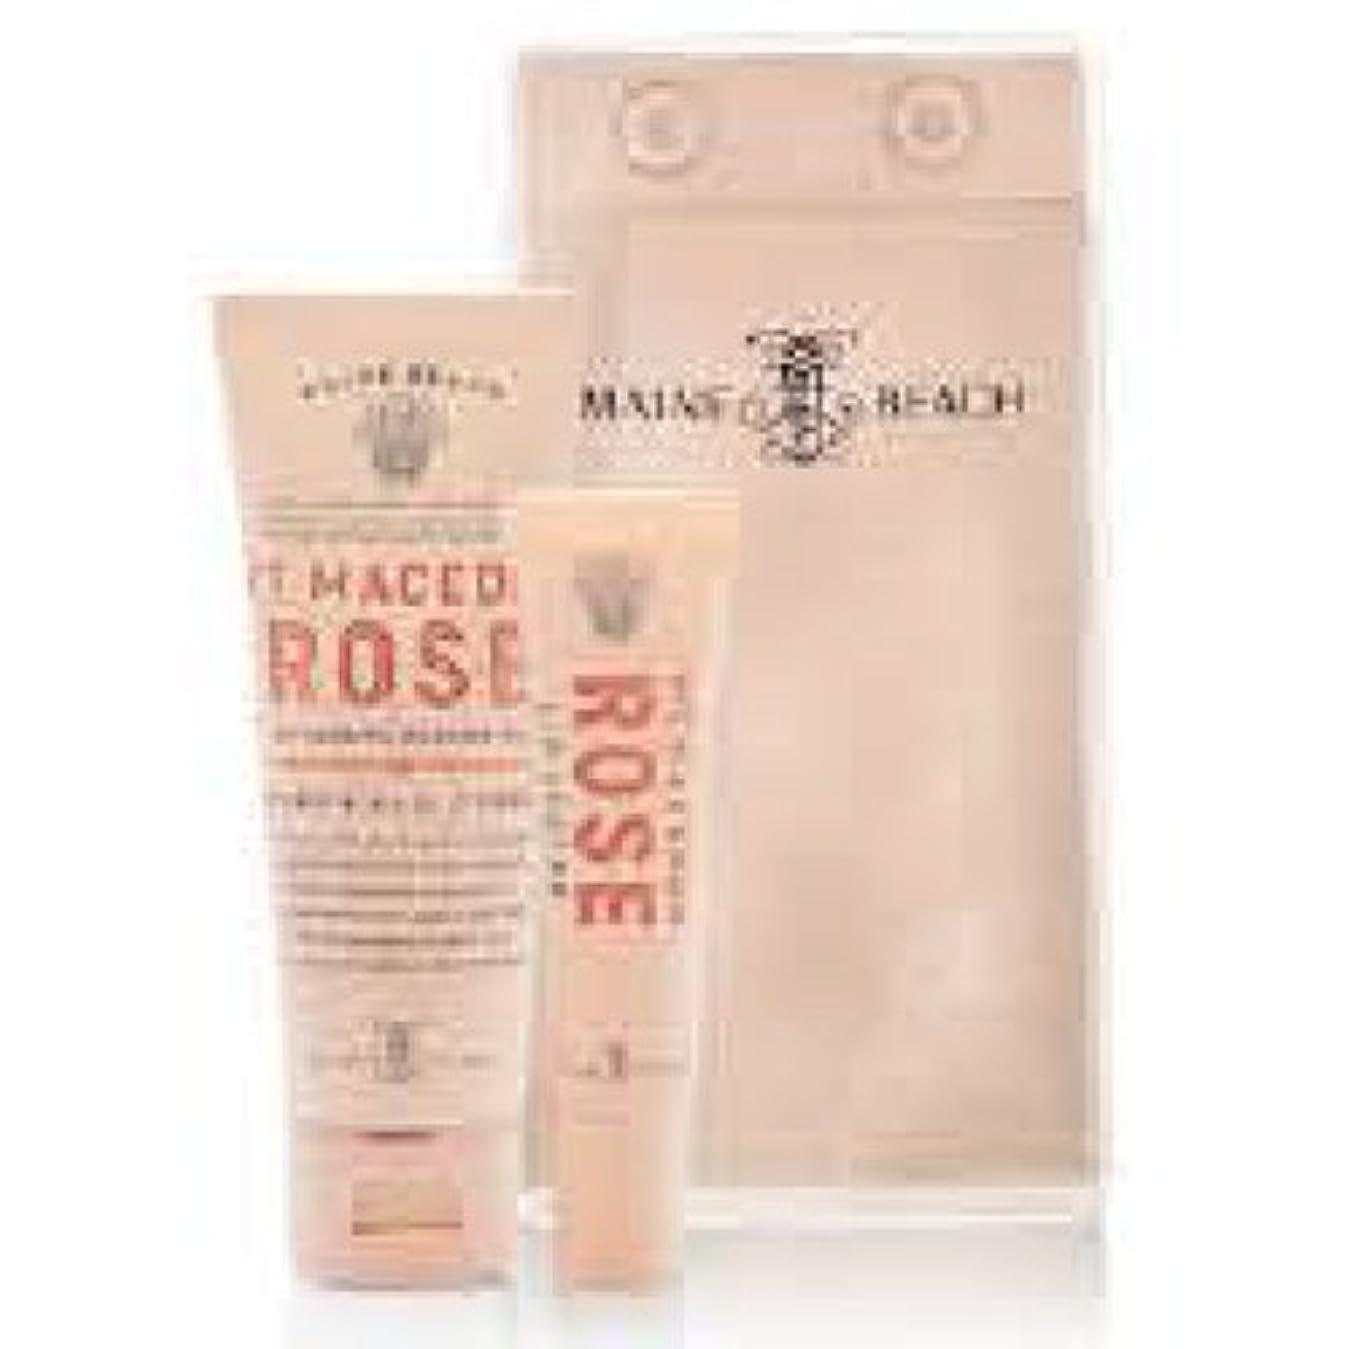 ゲートスカープ名声MAINE BEACH マインビーチ MT MACEDON ROSE マウント マセドン ローズ Essentials DUO Pack